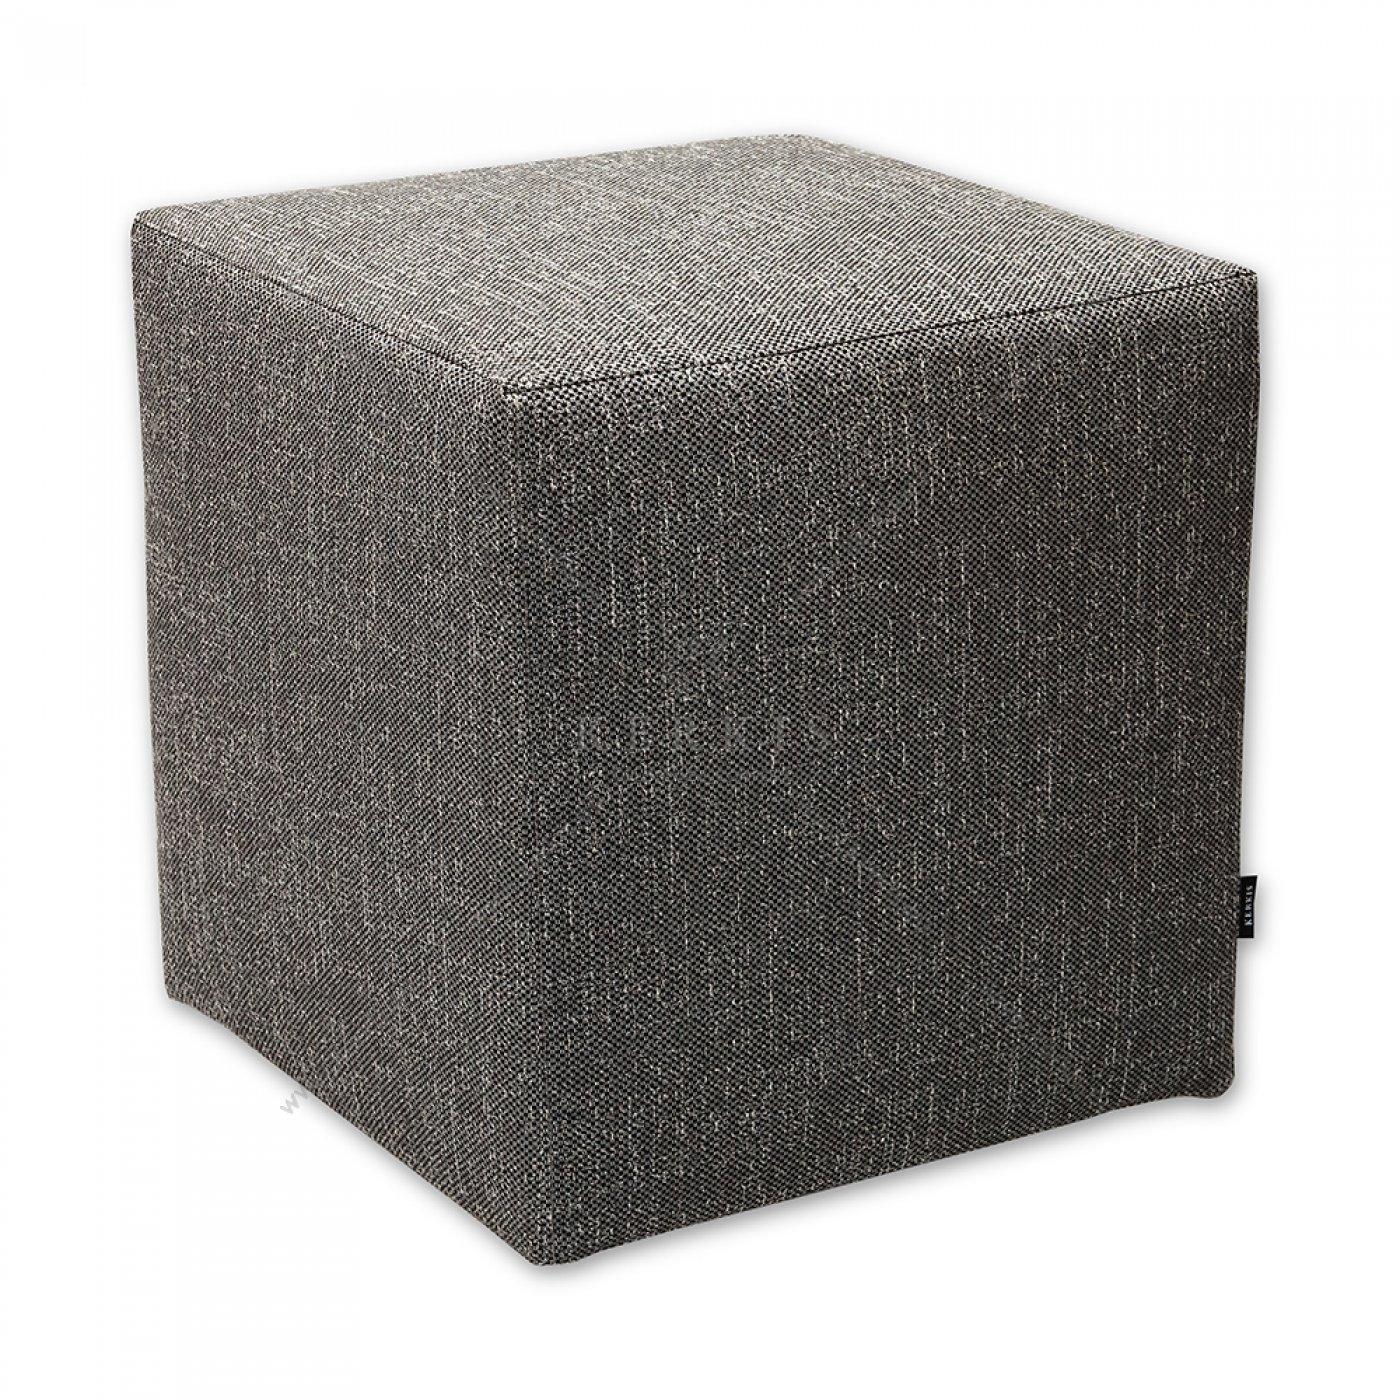 Σκαμπό κύβος γκρι, από την kerkis Tailormade Comfort, με κάλυμμα που αφαιρείται εύκολα δίνοντας τη δυνατότητα αλλαγής όποτε θέλετε να ανανεώσετε τη διακόσμηση του χώρου σας!